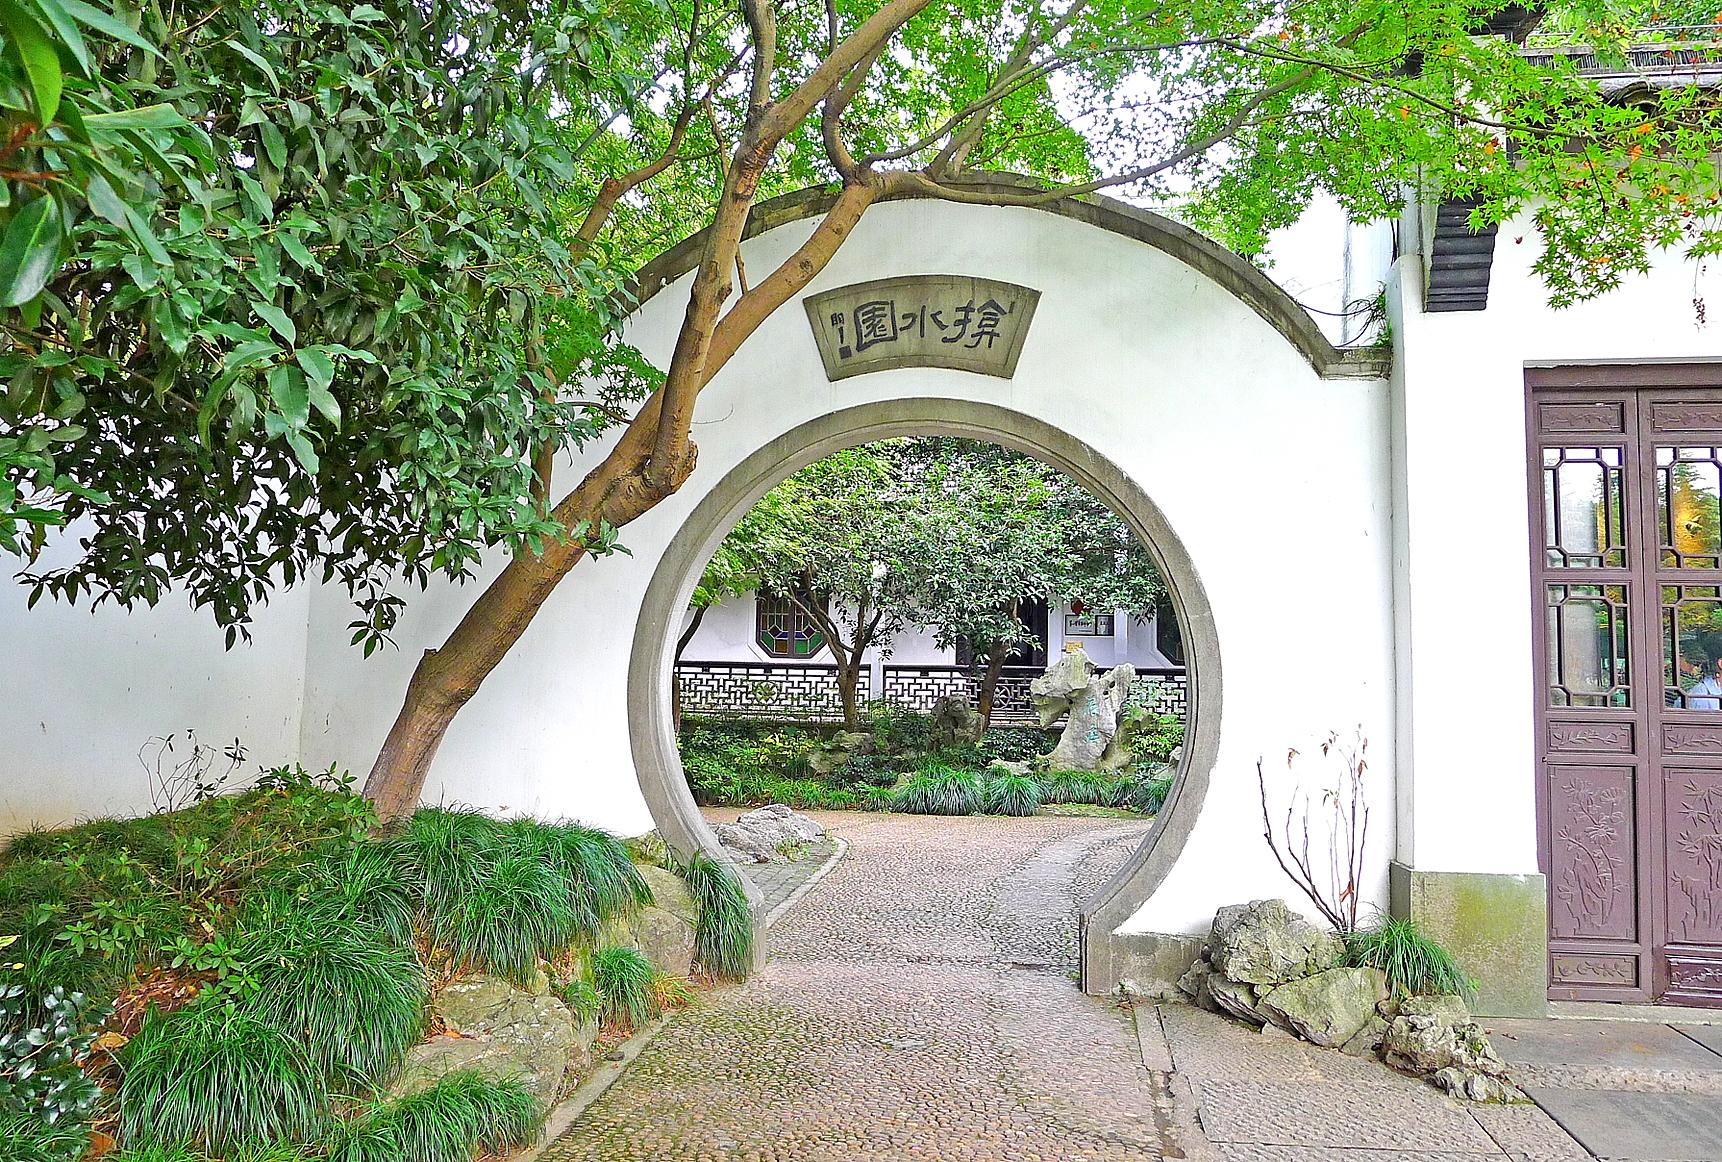 肥城蒋庄社区风景图片